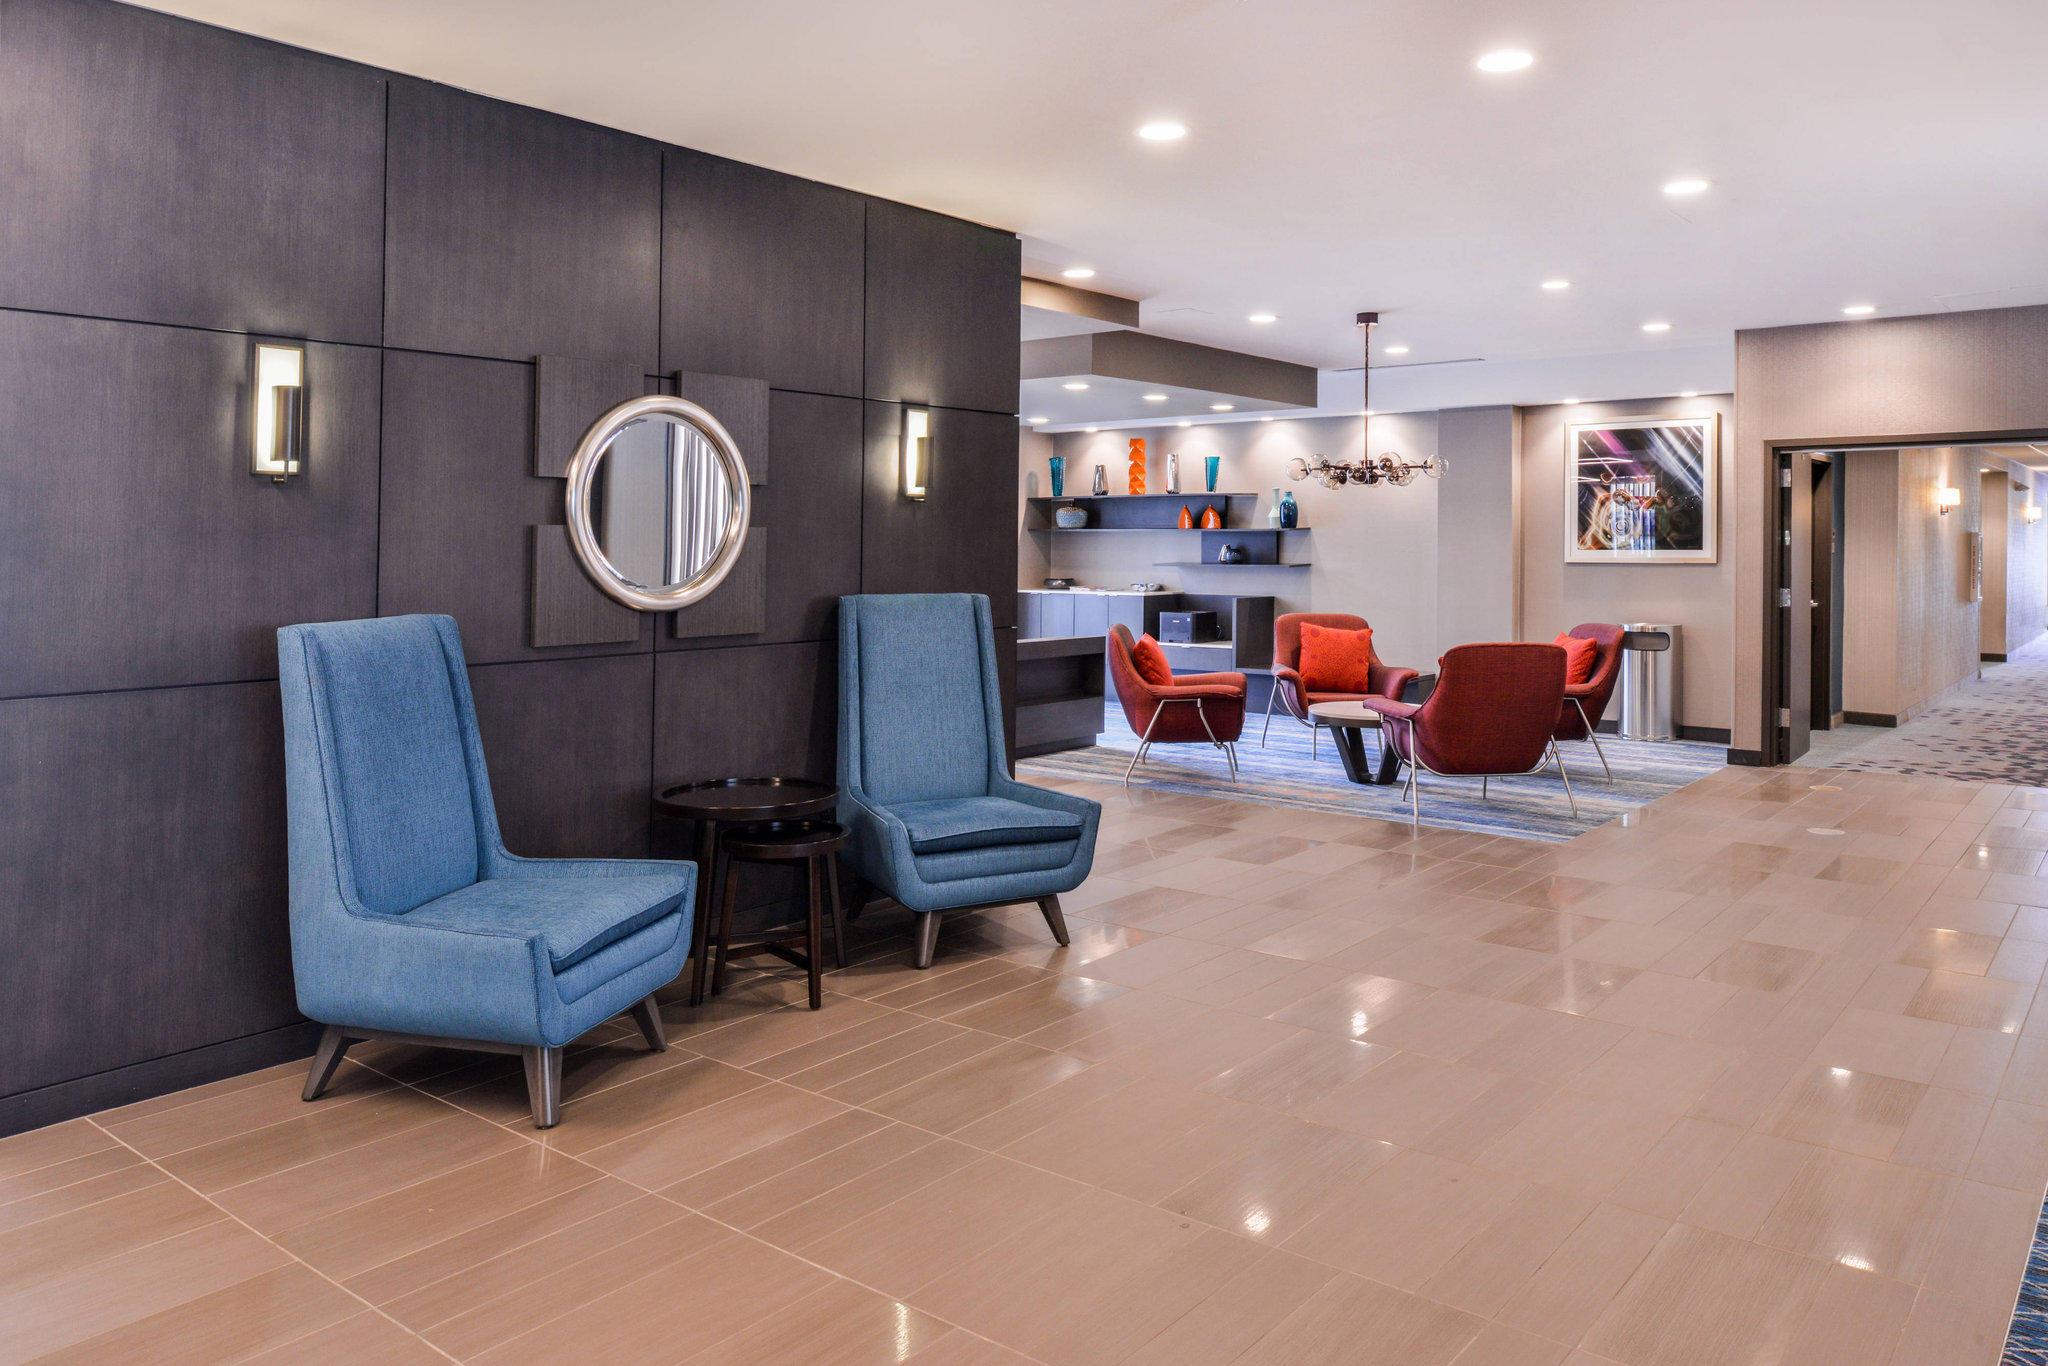 Fairfield Inn & Suites by Marriott Raleigh Cary